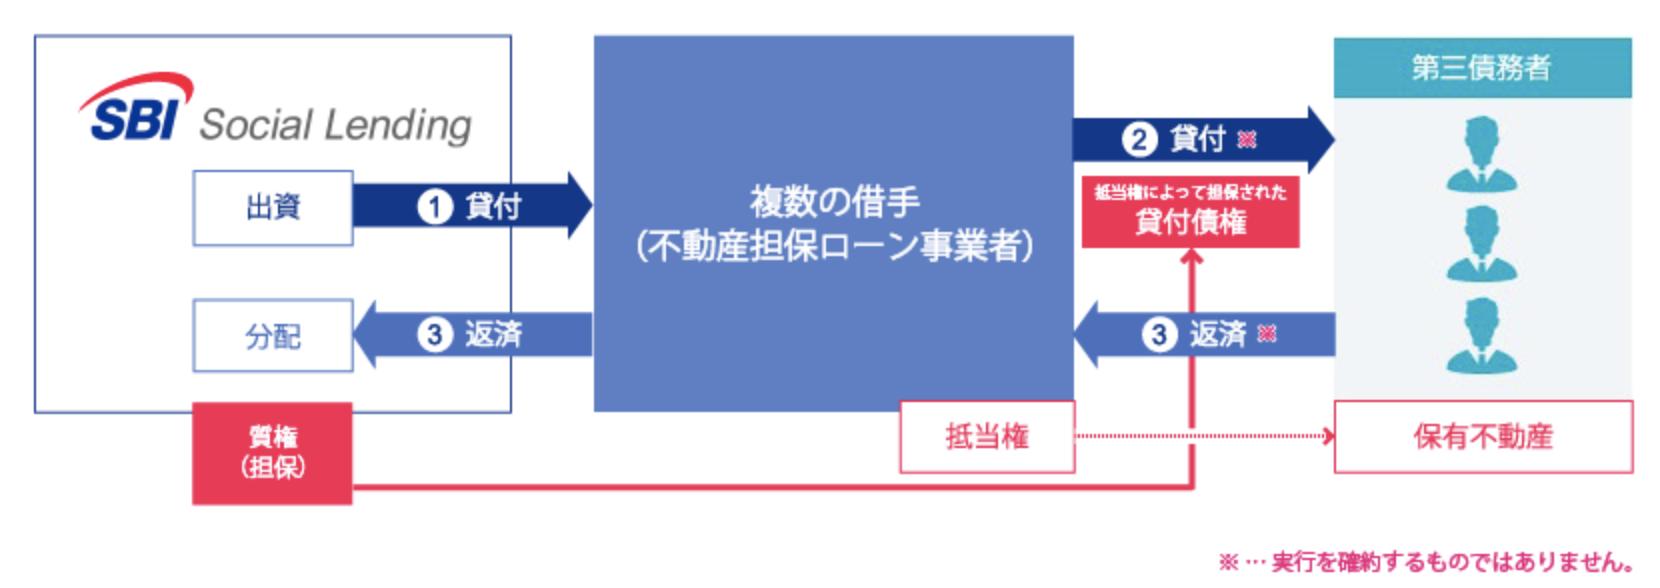 不動産担保ローンの図解